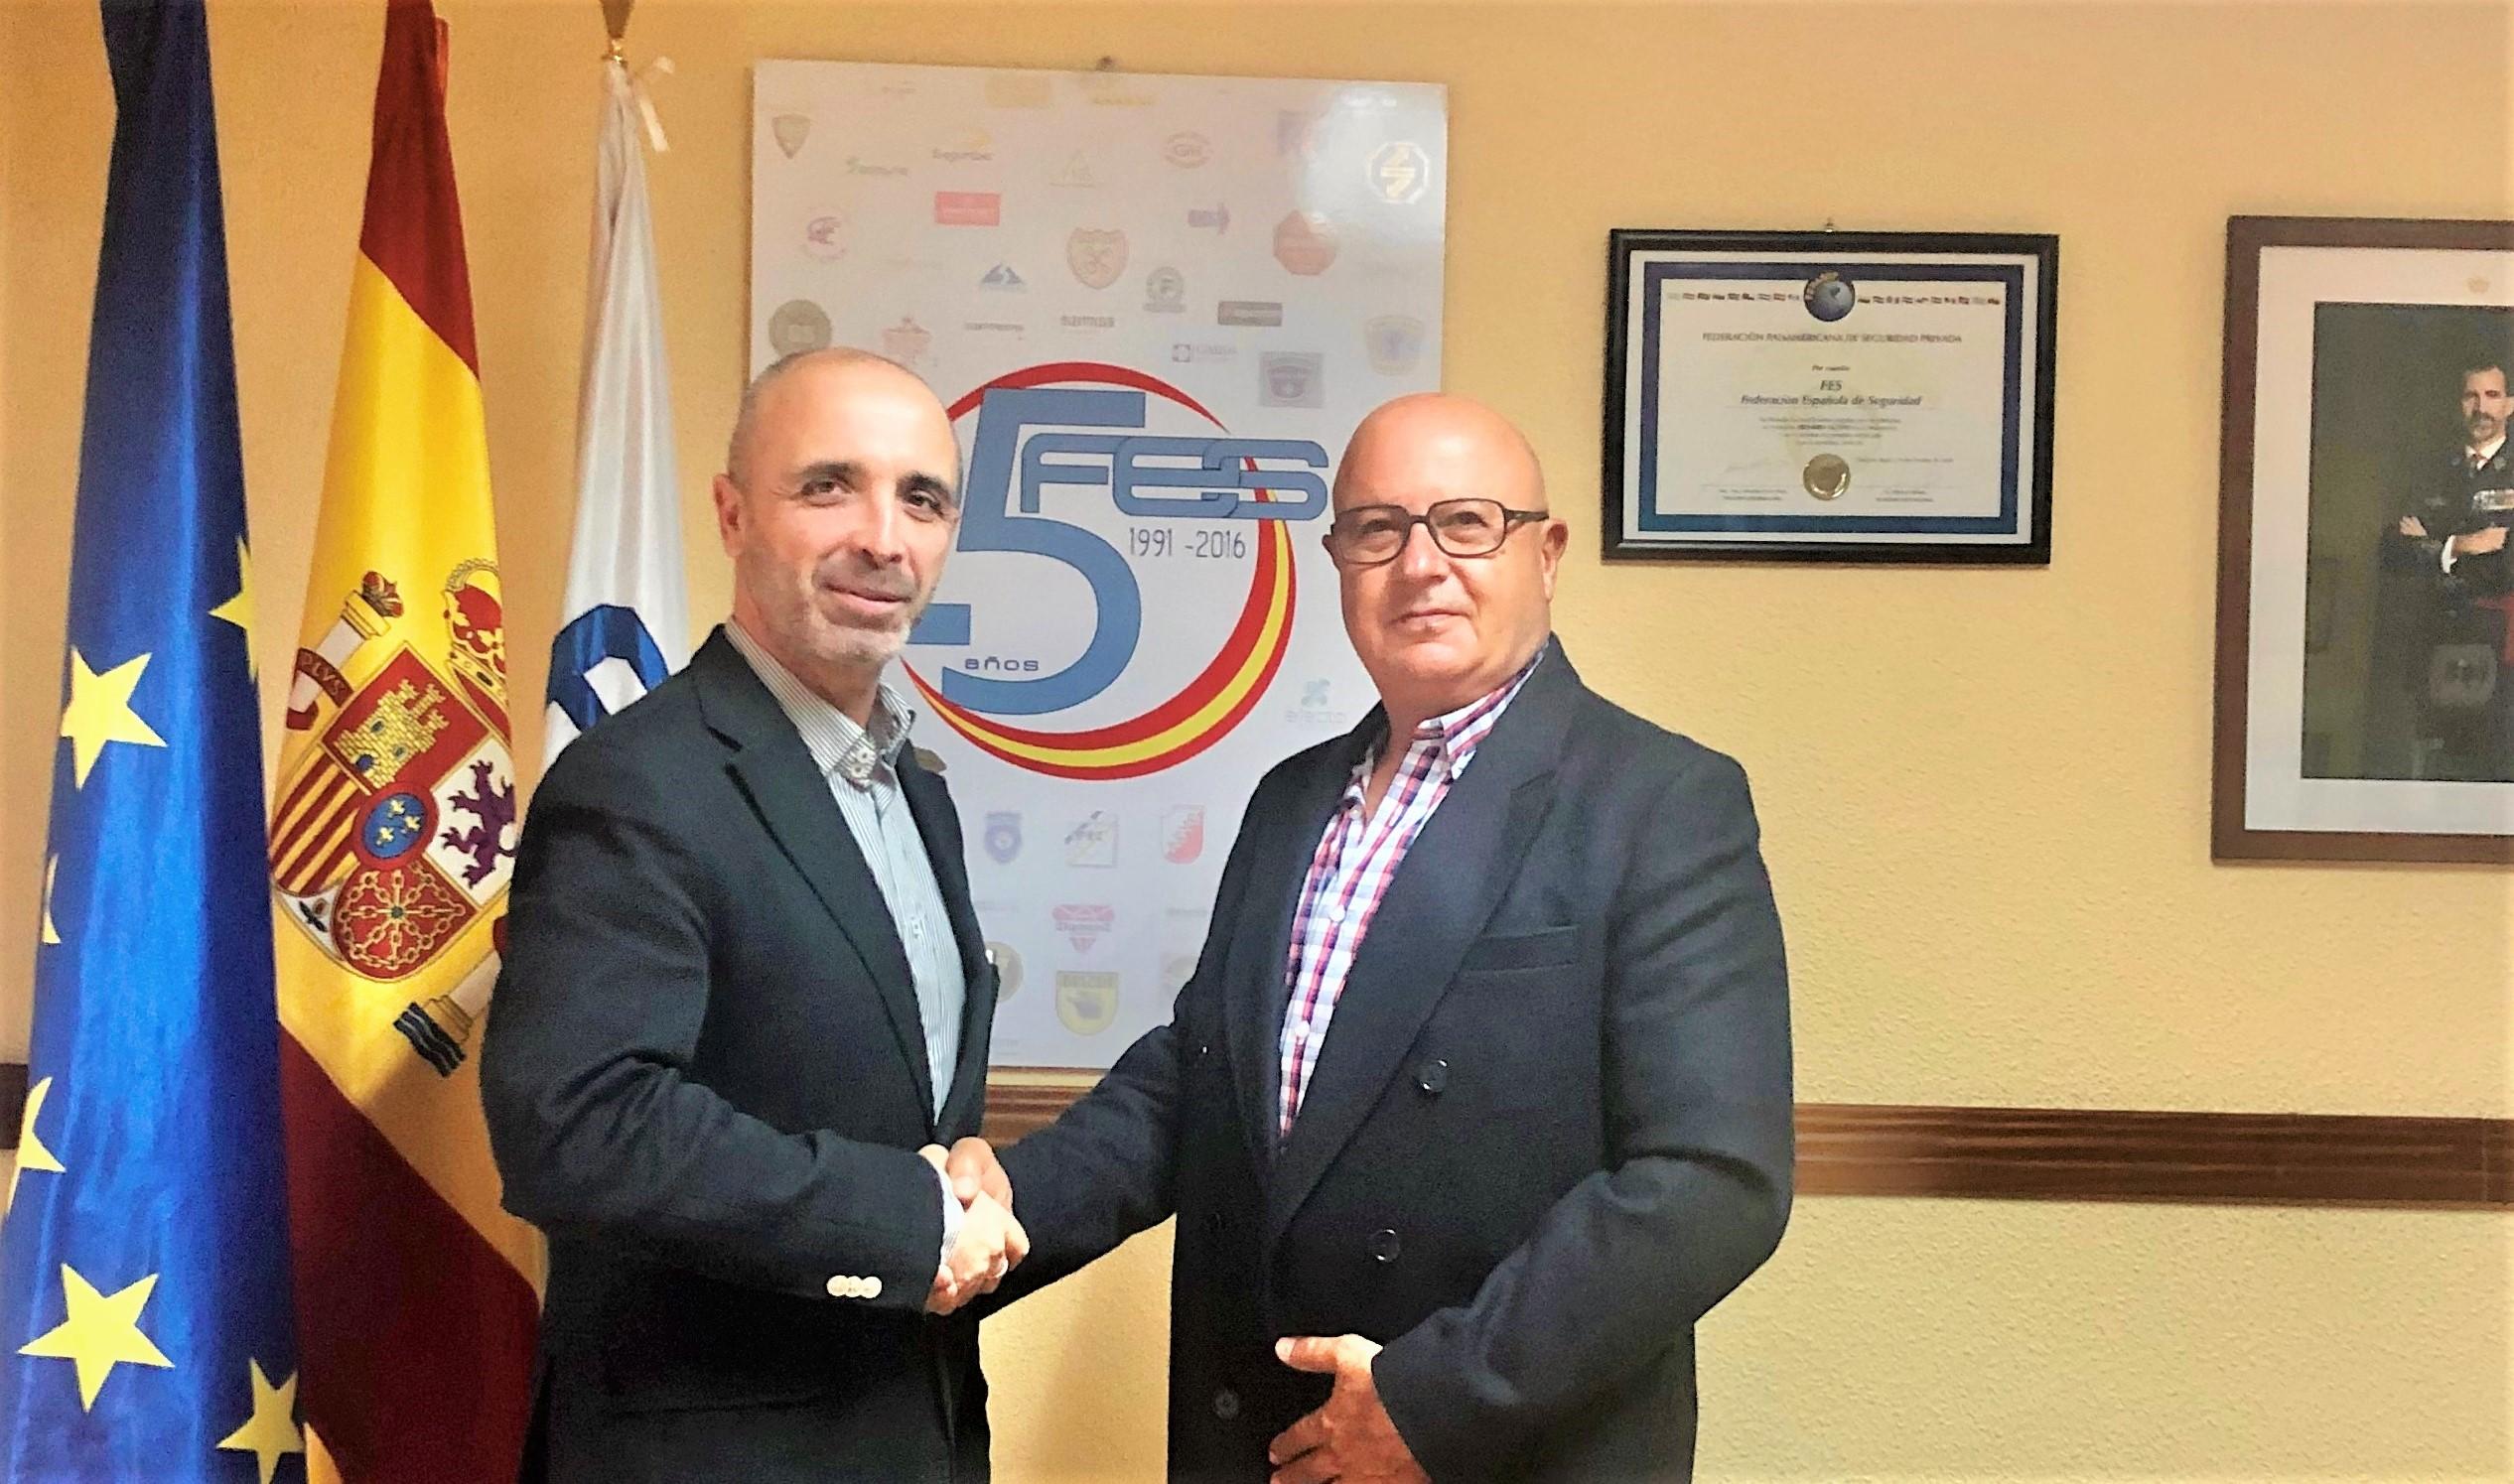 Acuerdo federación española seguridad FES y Angel Olleros